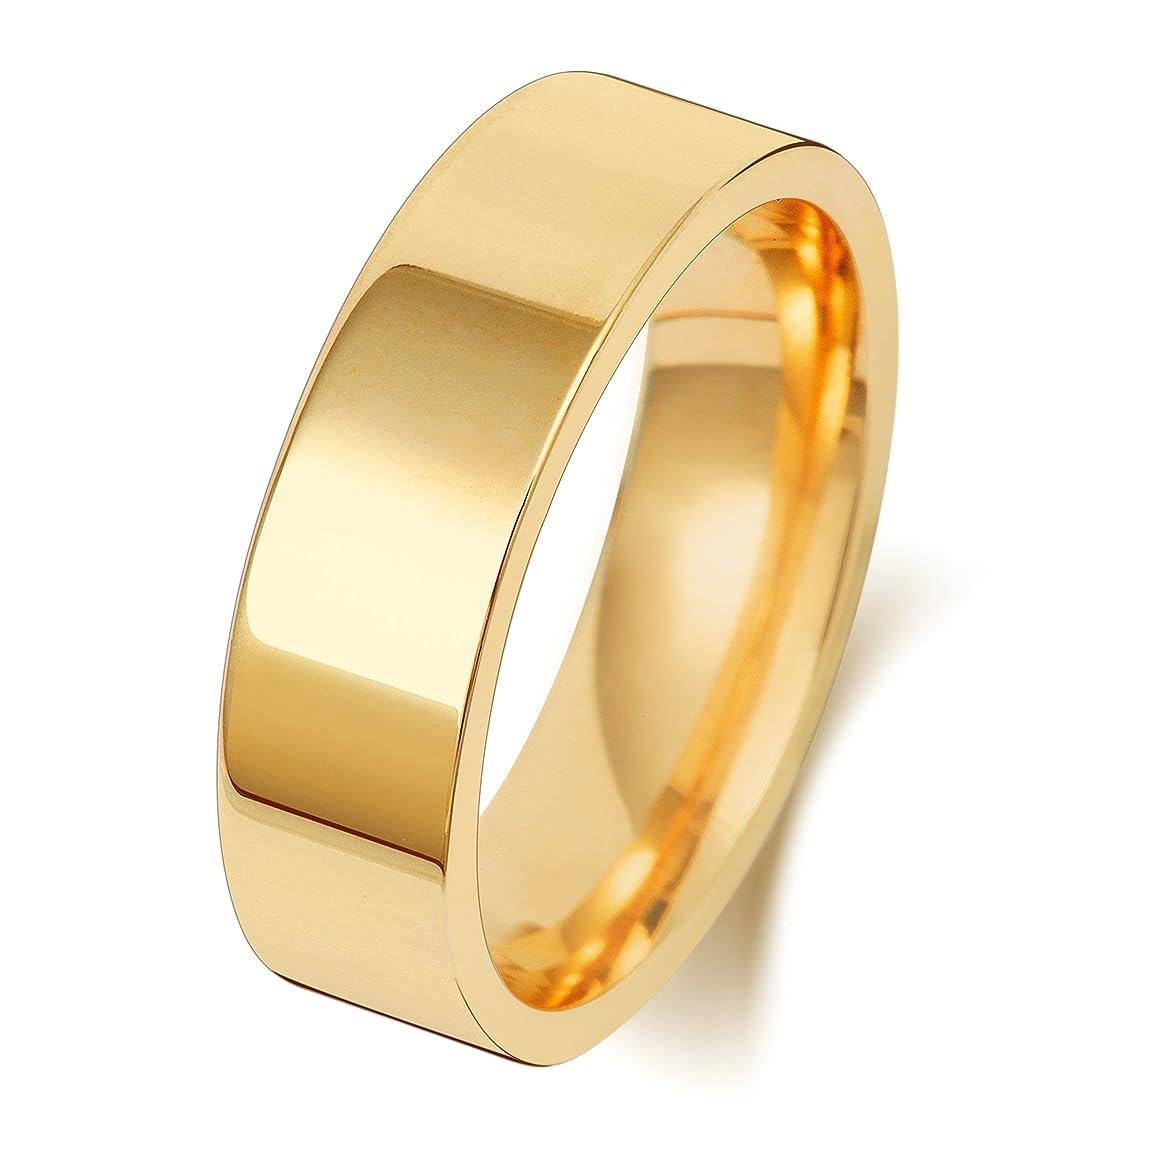 程度解釈的有用9K 9金イエローゴールド 6mm 男性 女性 ウェディングバンド マリッジリング(結婚指輪) WQS189909KY